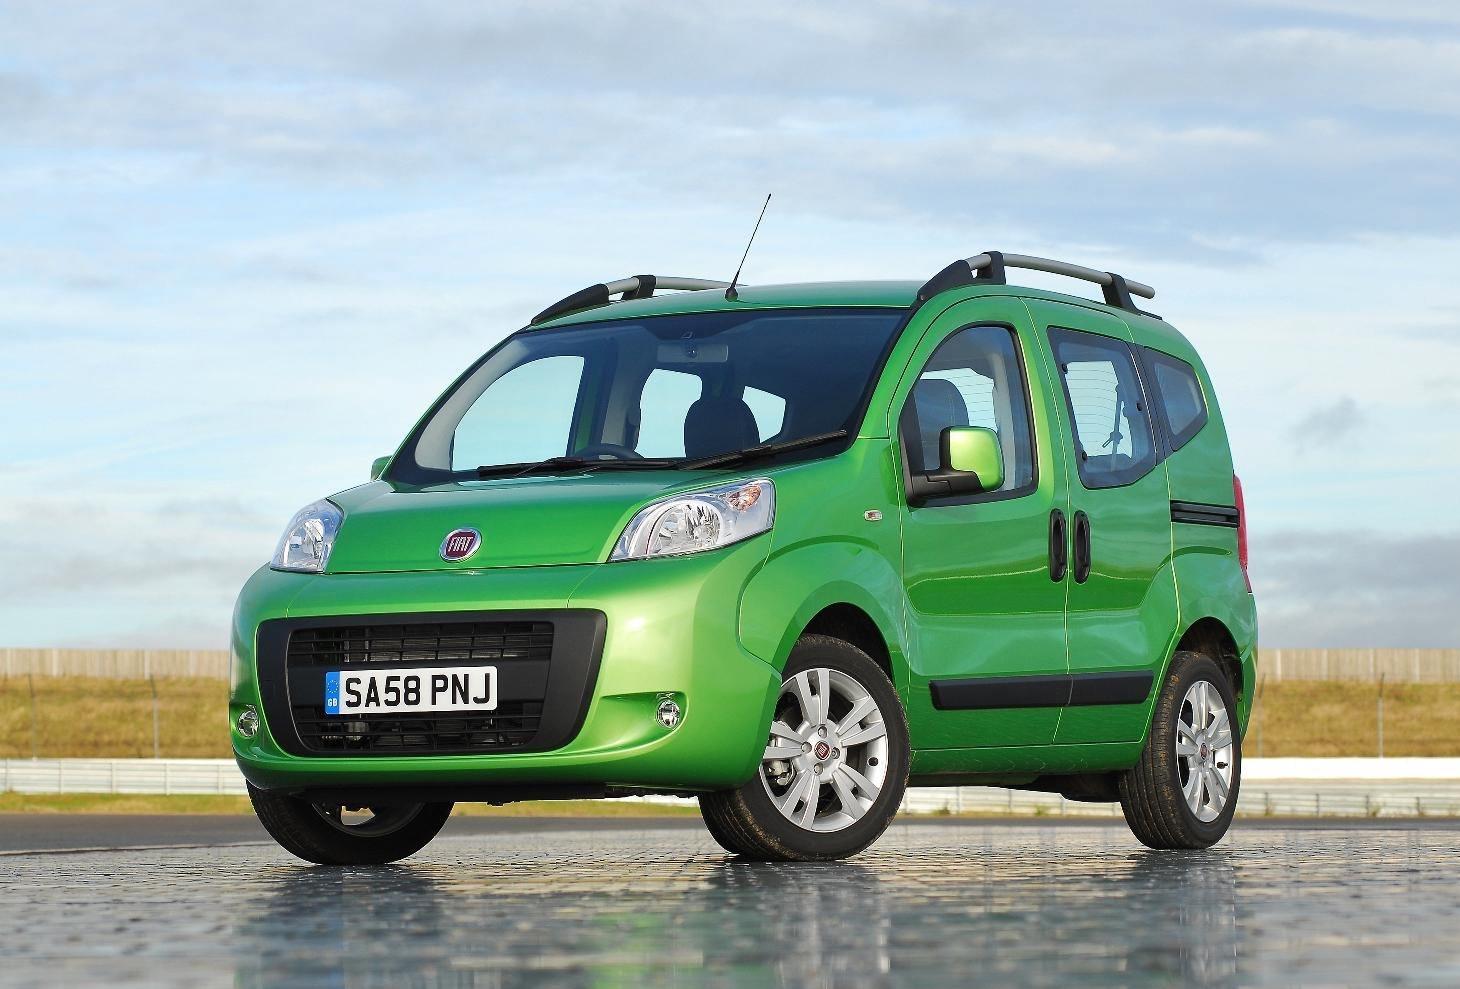 image of a green fiat qubo car van exterior